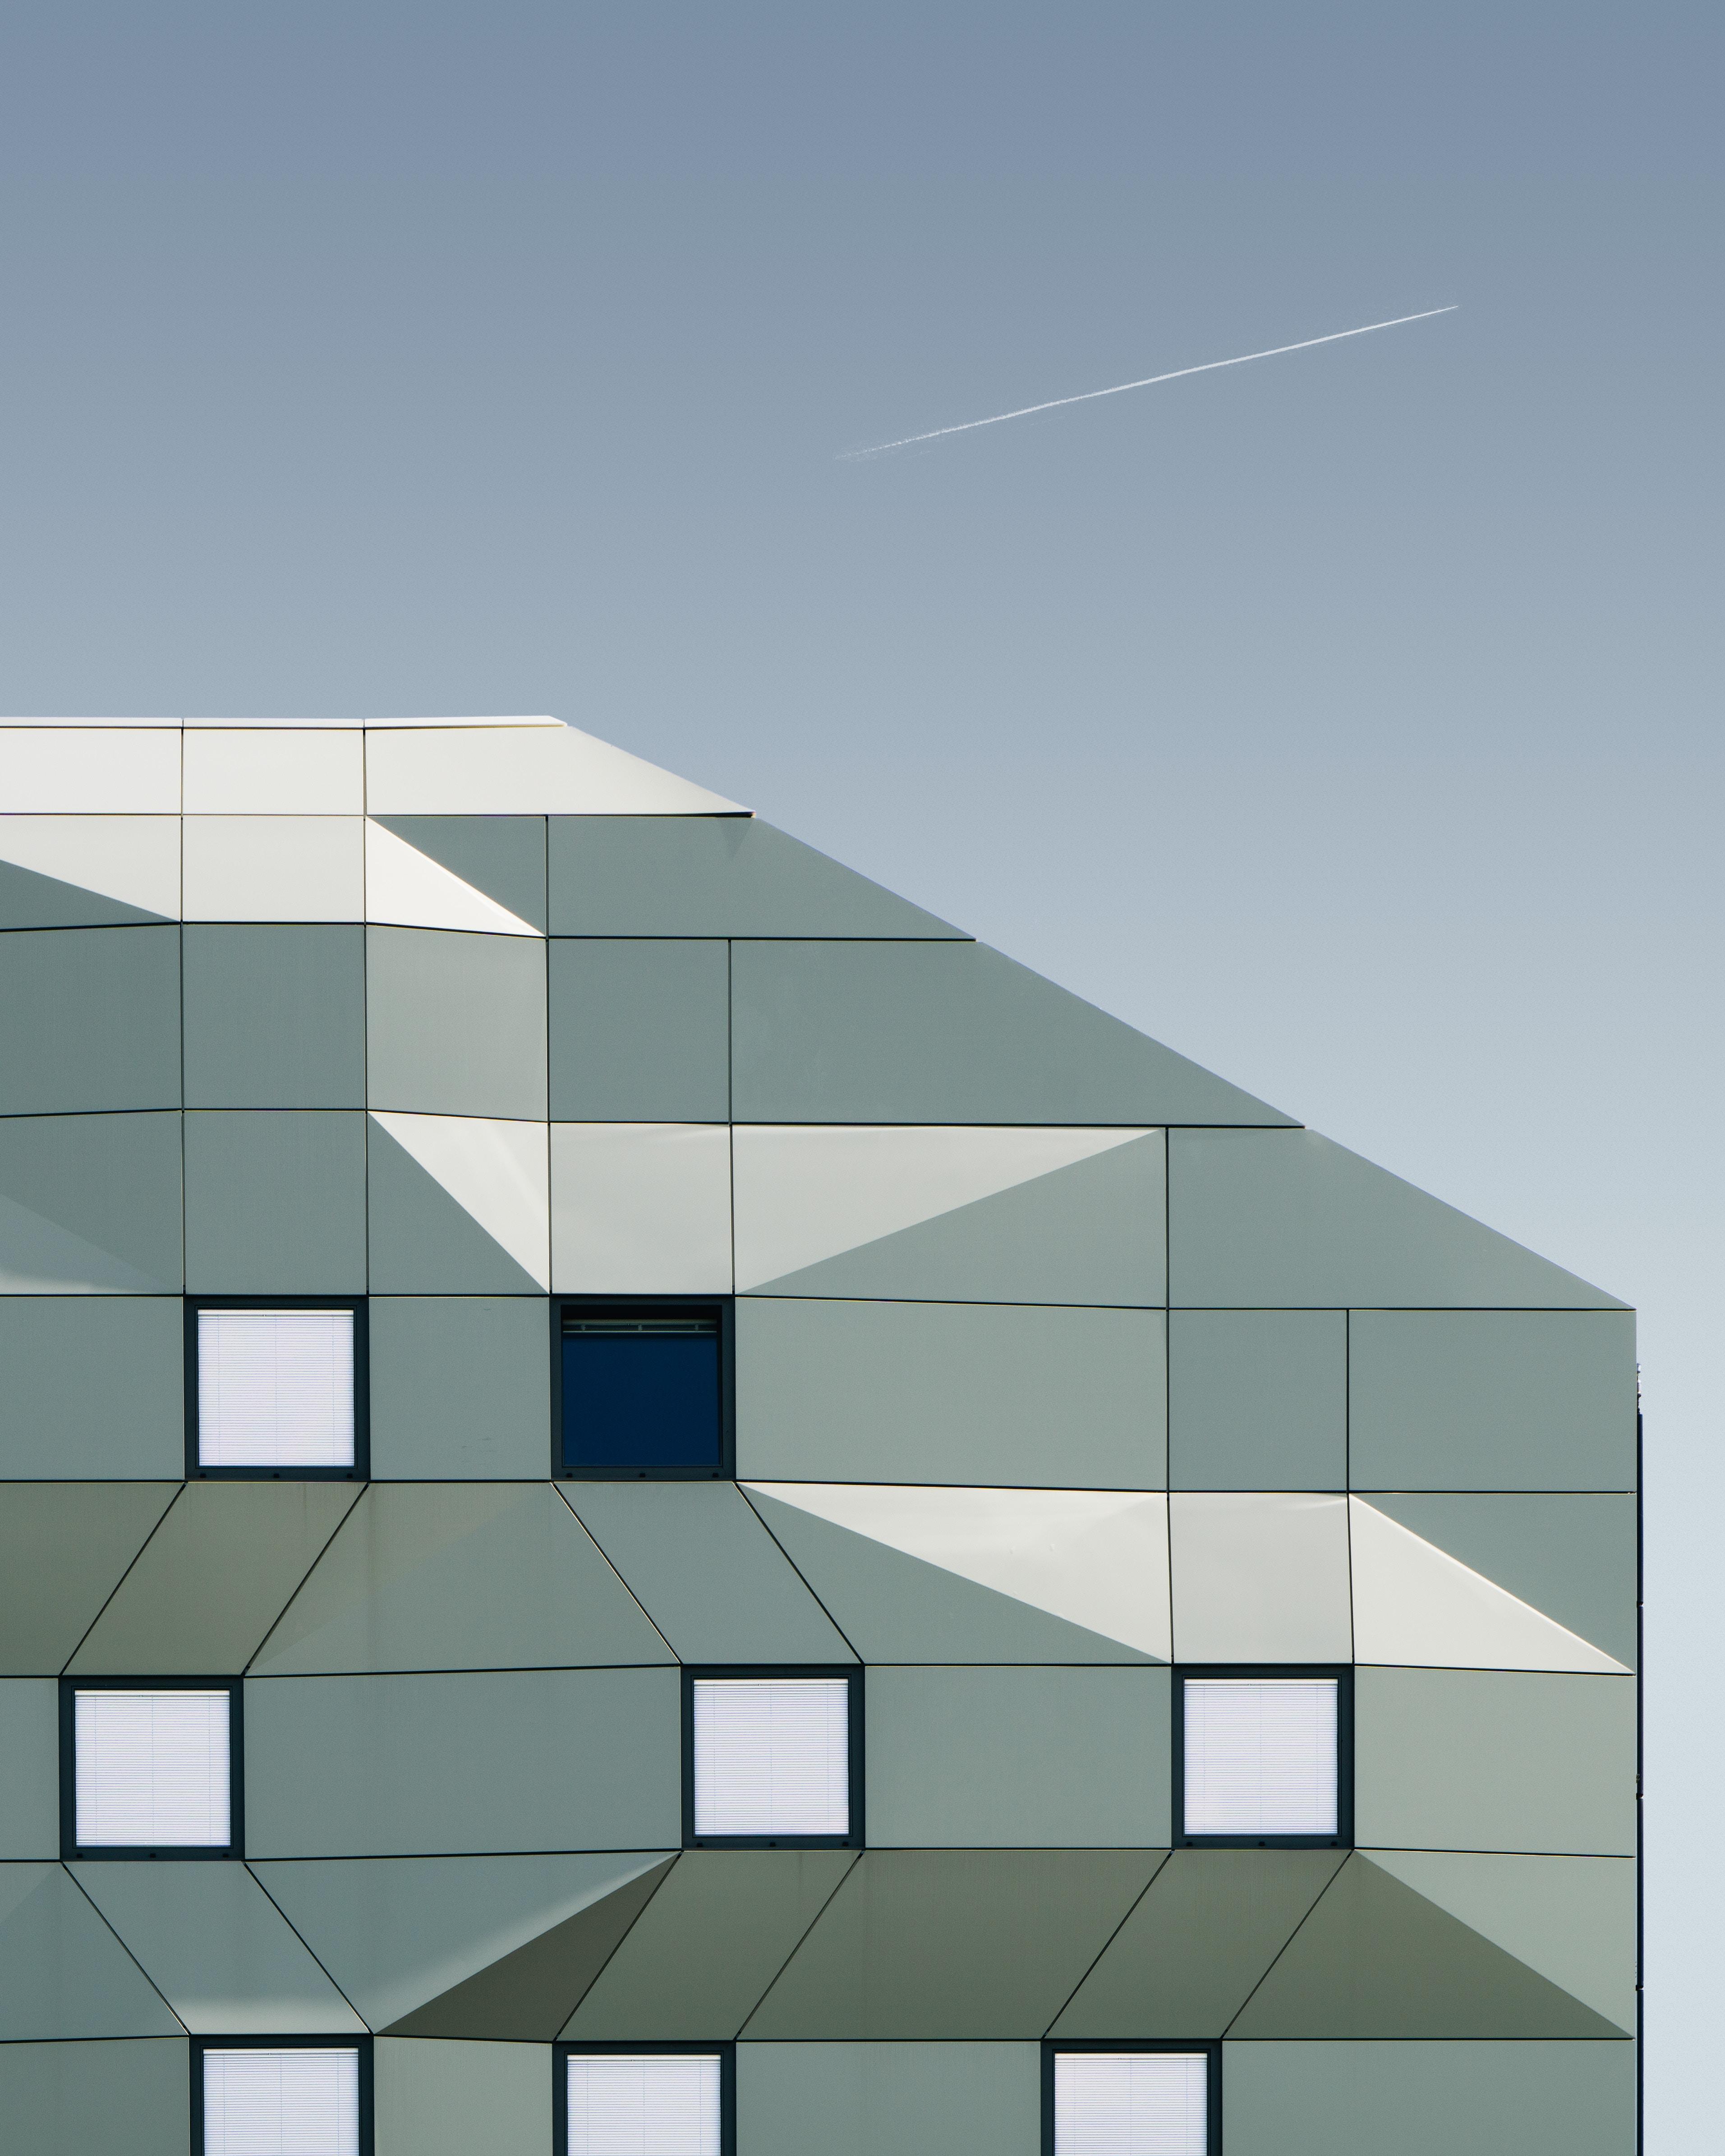 gray building illustration